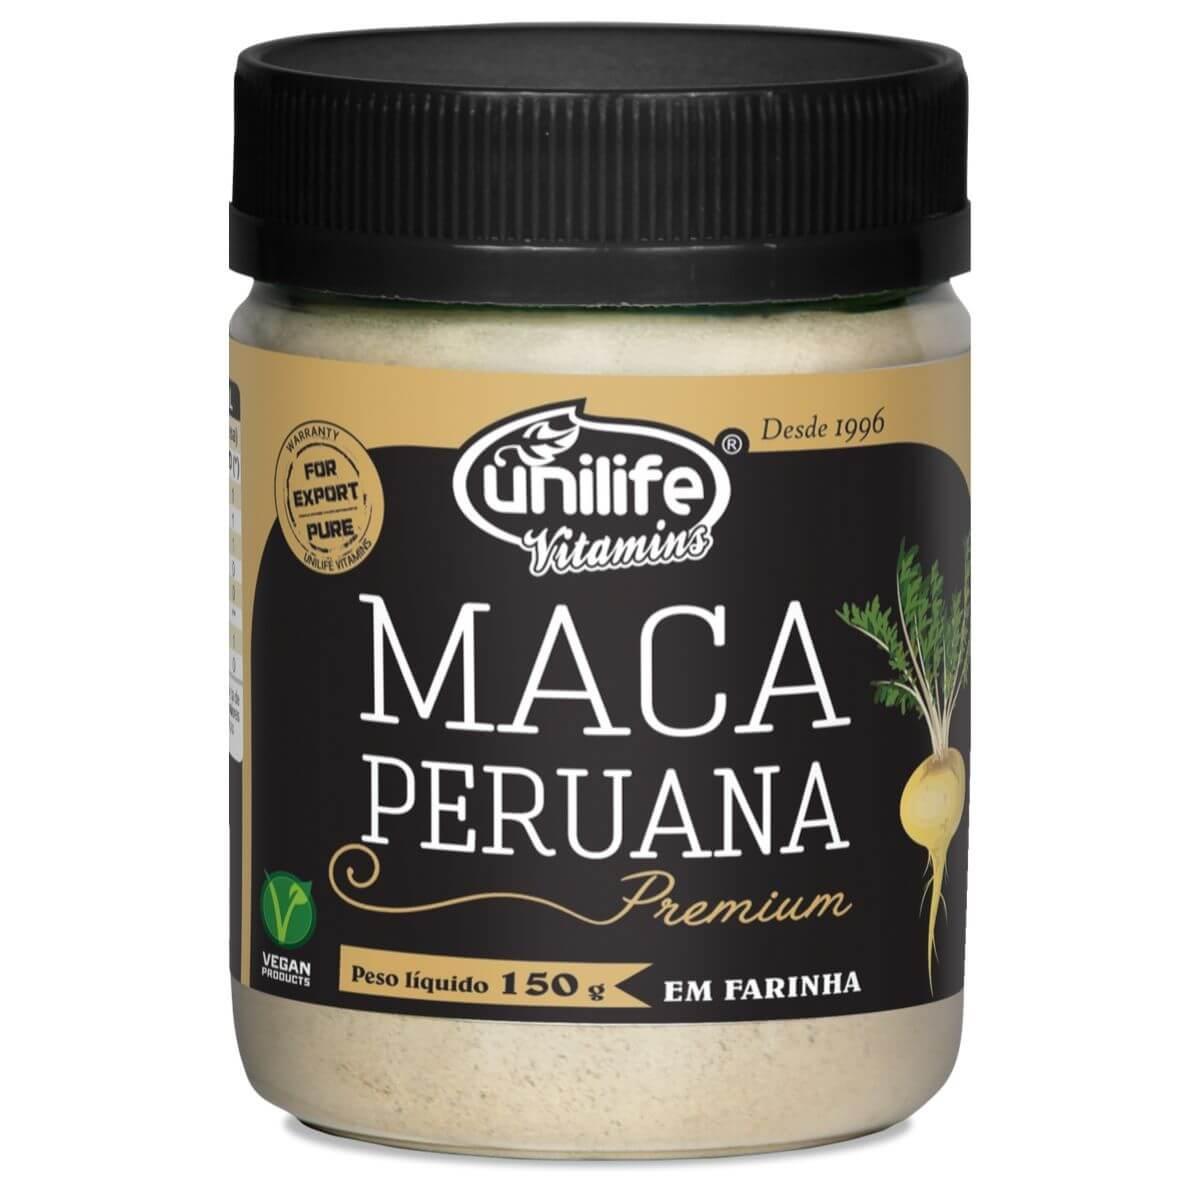 maca peruana negra em pó como tomar